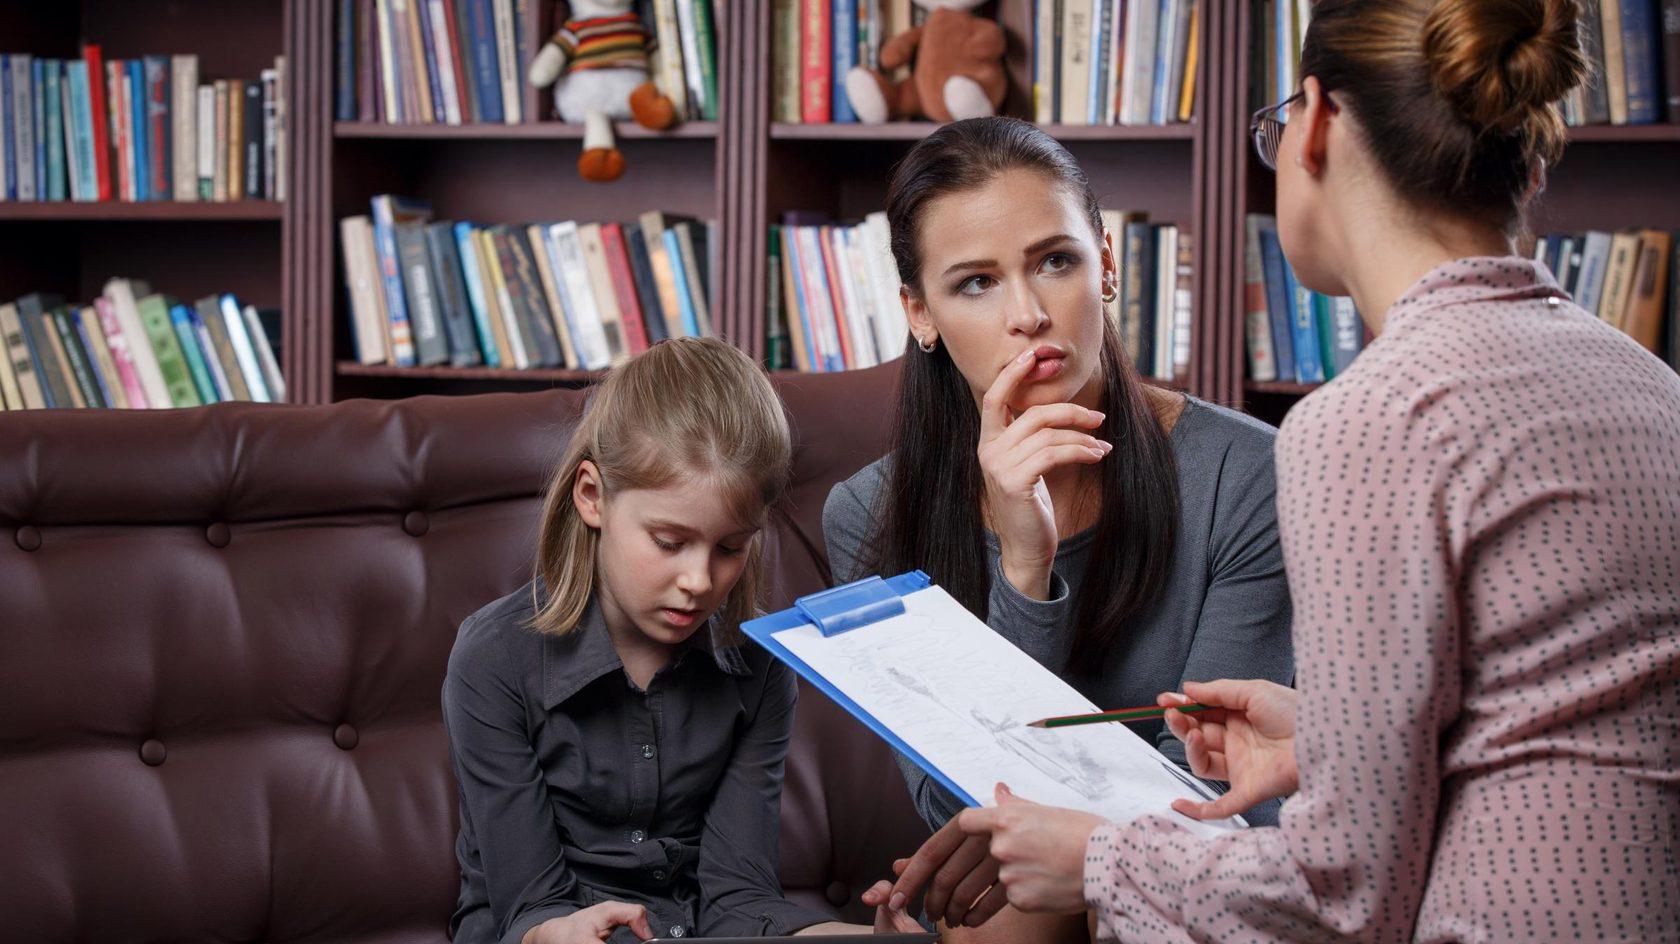 В парламенте задумались о борьбе с разводами при помощи курса семейной психологии в школах